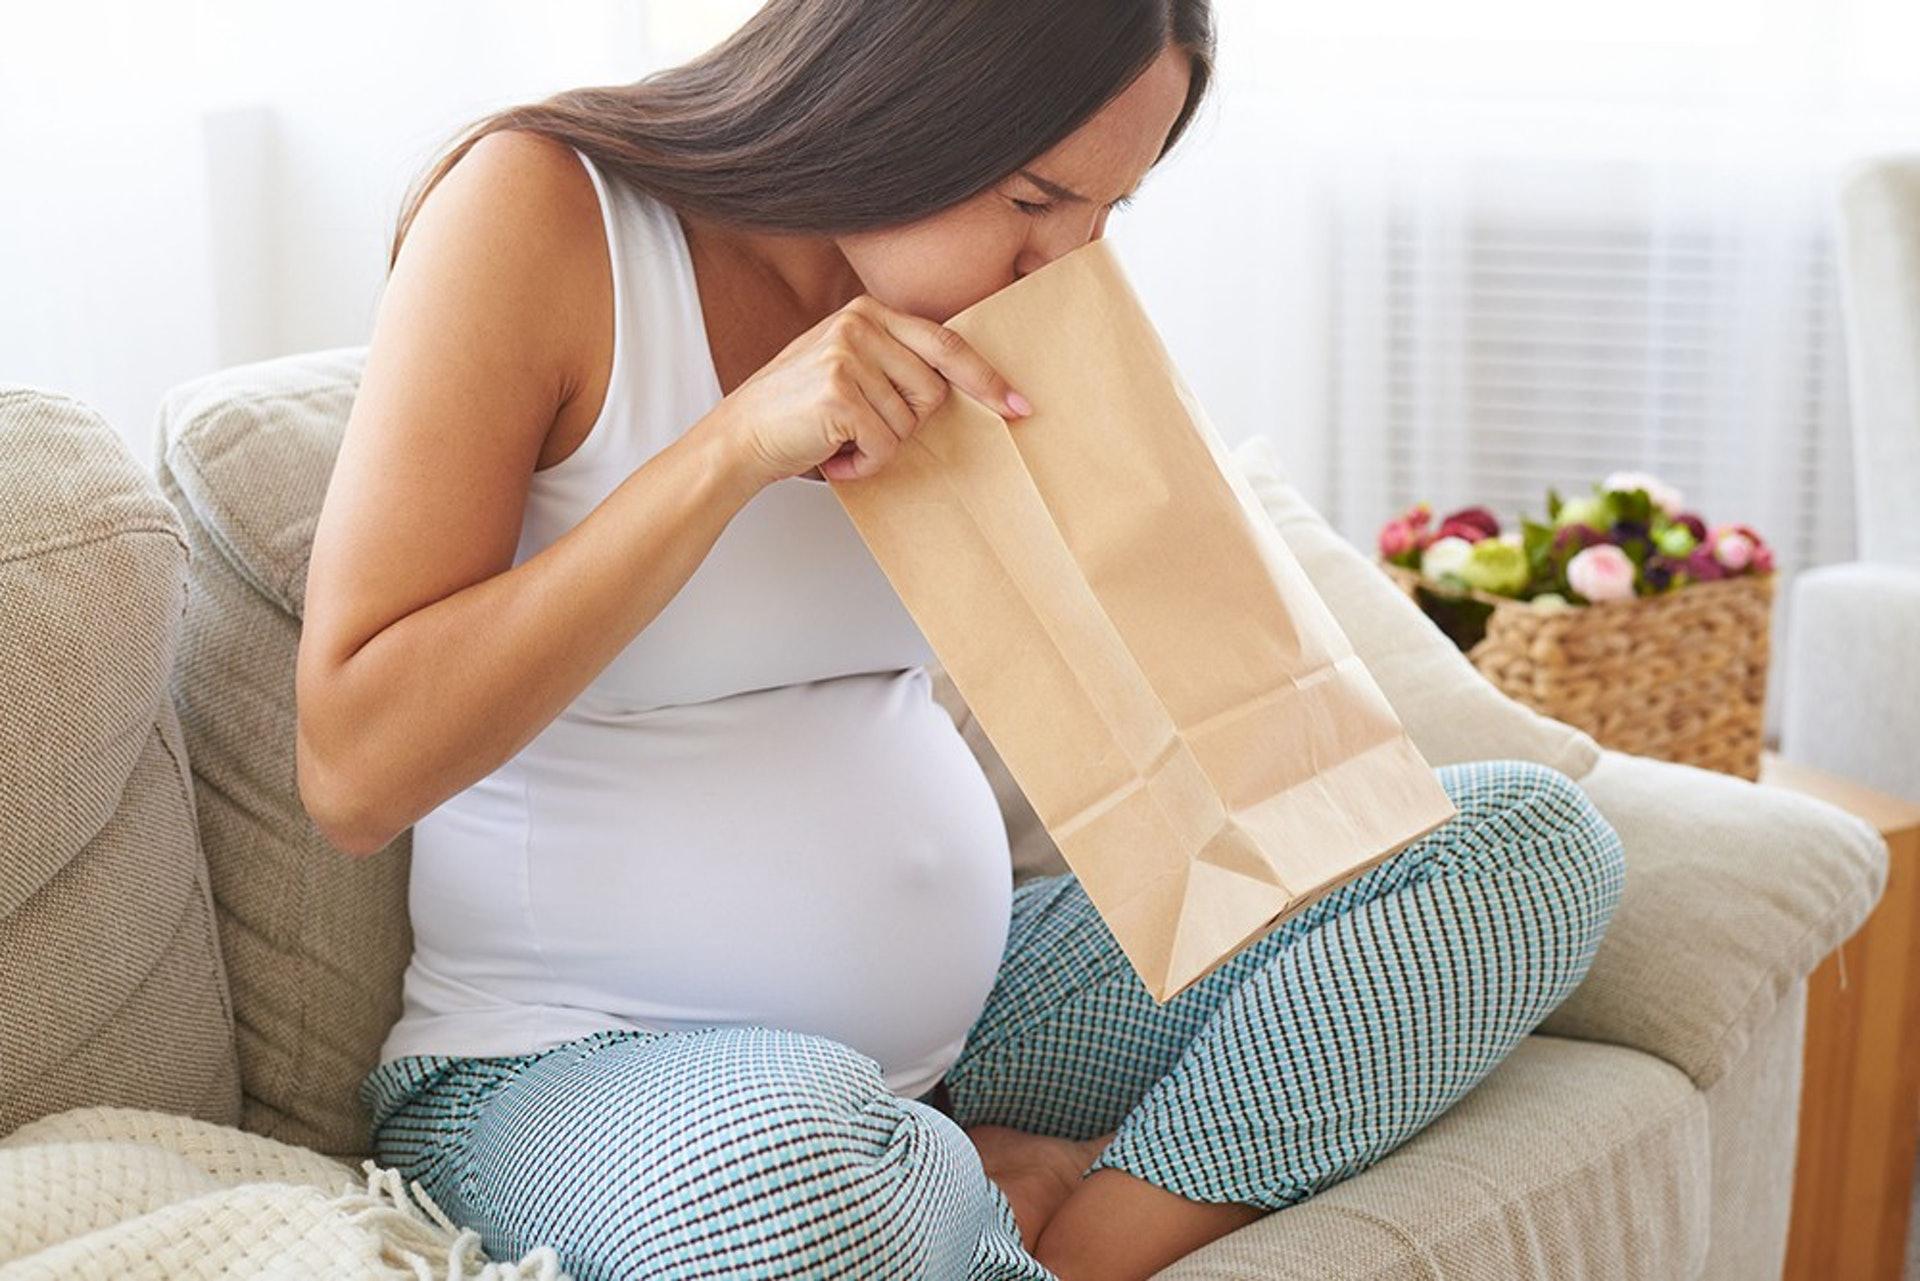 孕吐情況較嚴重的準媽媽們需多加注意營養攝取量,以確保胎兒健康發育。(圖片:eigierdiagnosticos)